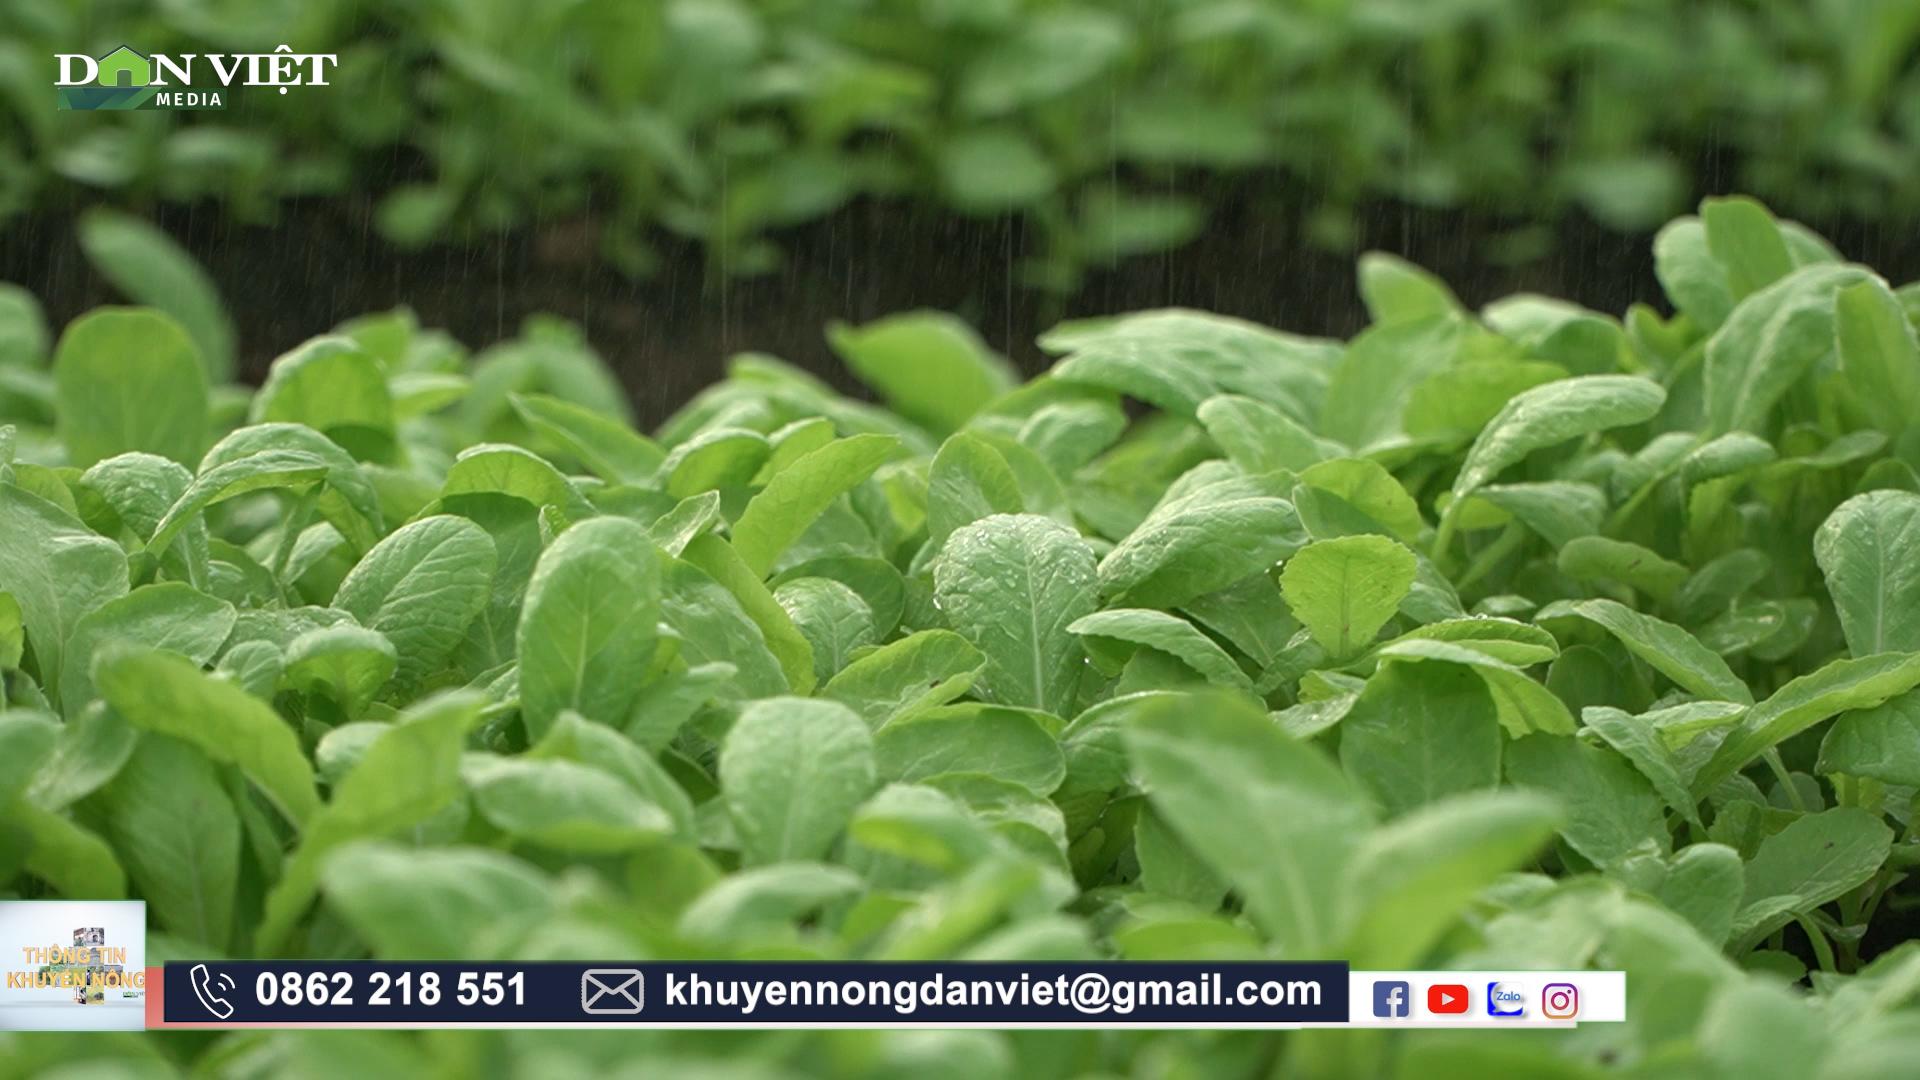 Tránh nắng cho rau siêu giỏi, nông dân Hà Nội trồng rau trái vụ vẫn cho năng suất cao  - Ảnh 3.